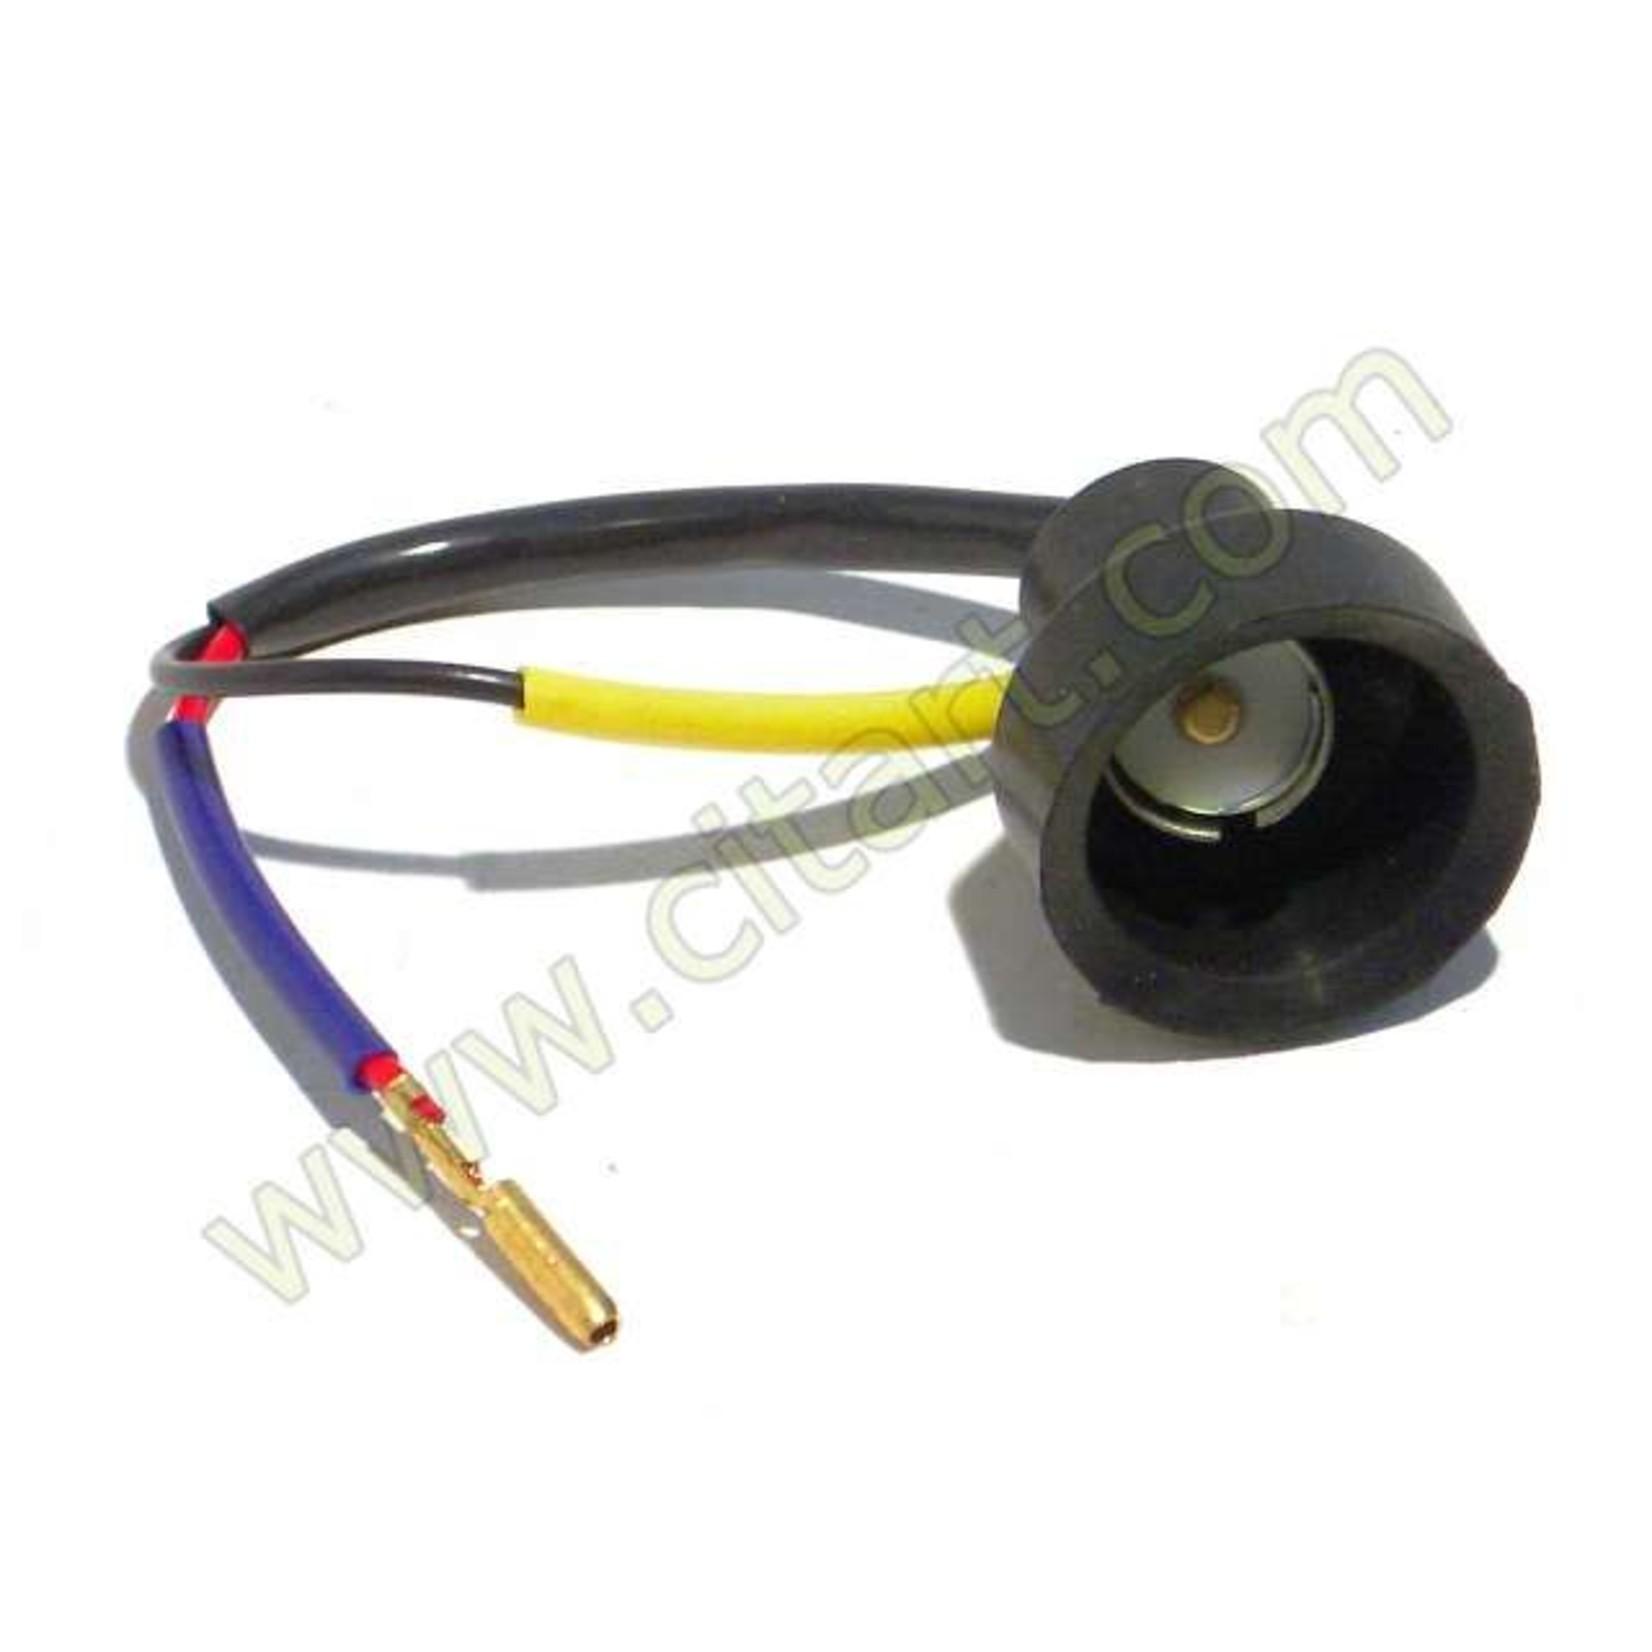 Socket rear indicator